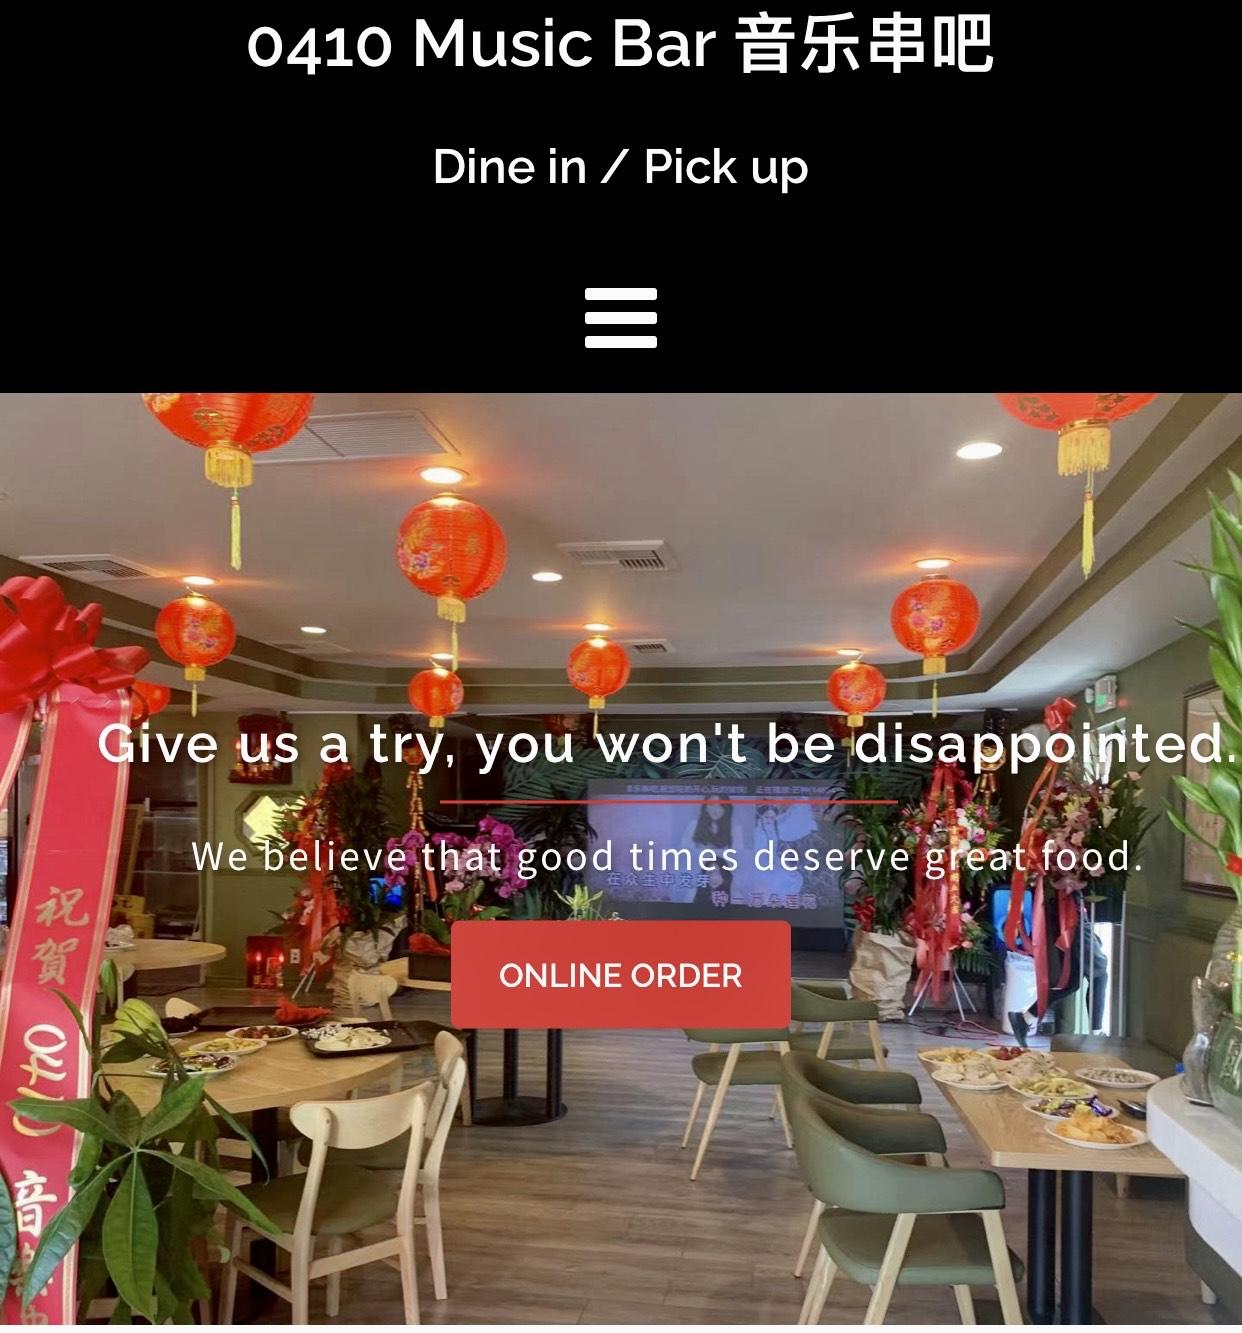 蒙市「音樂串吧」燒烤餐廳槍殺命案現場。餐廳網站截屏